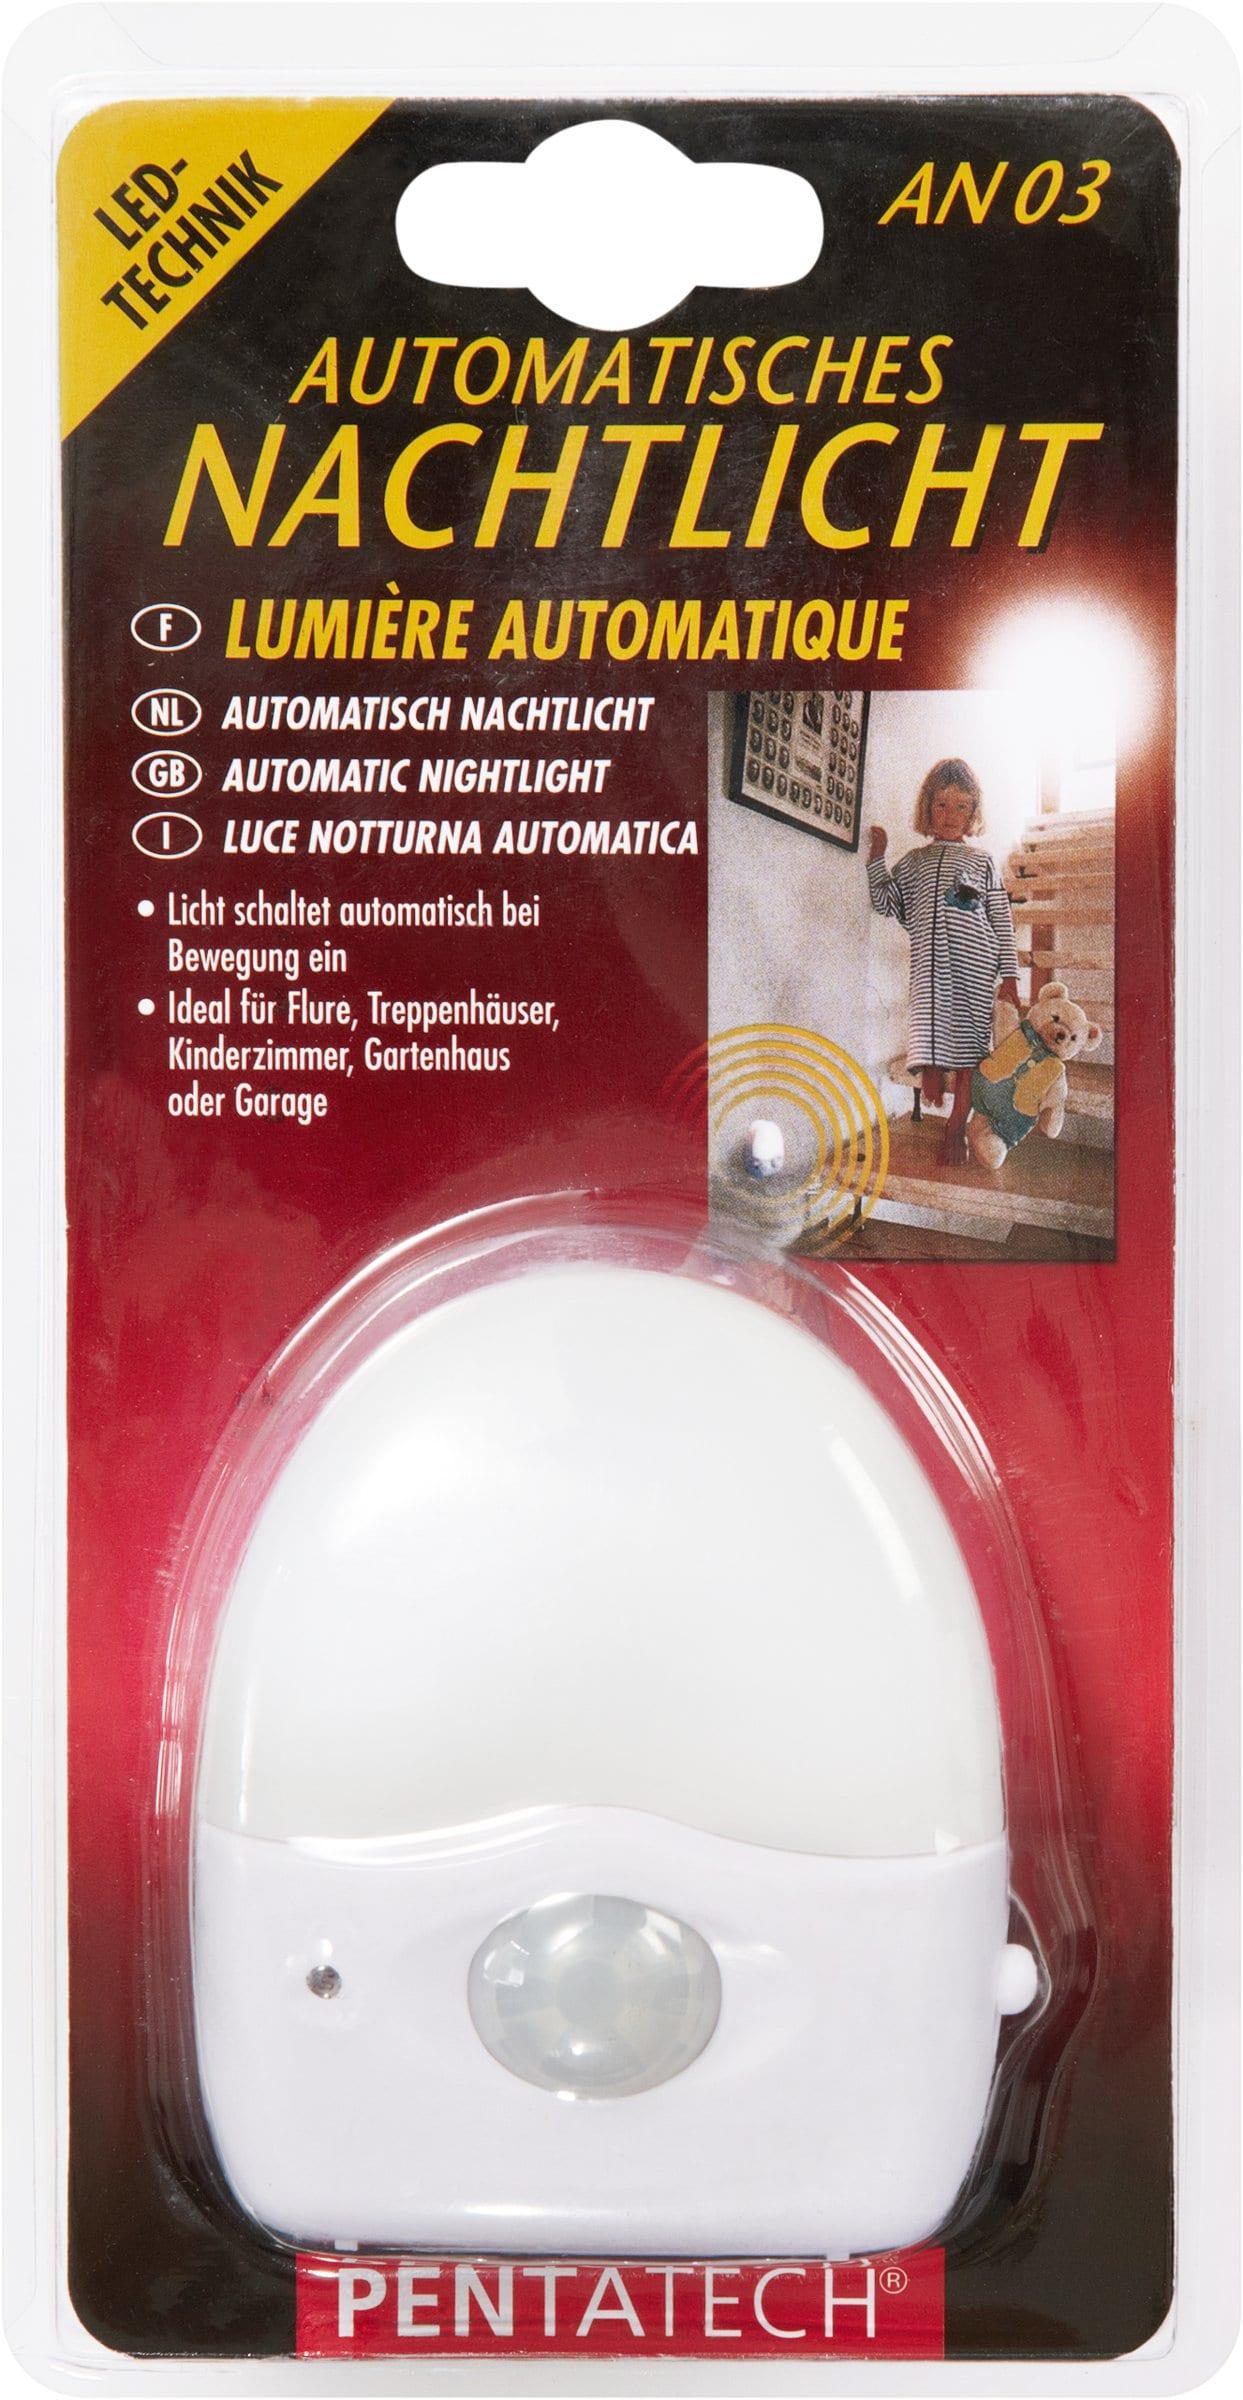 Pentatech Luce notturna automatica AN 03